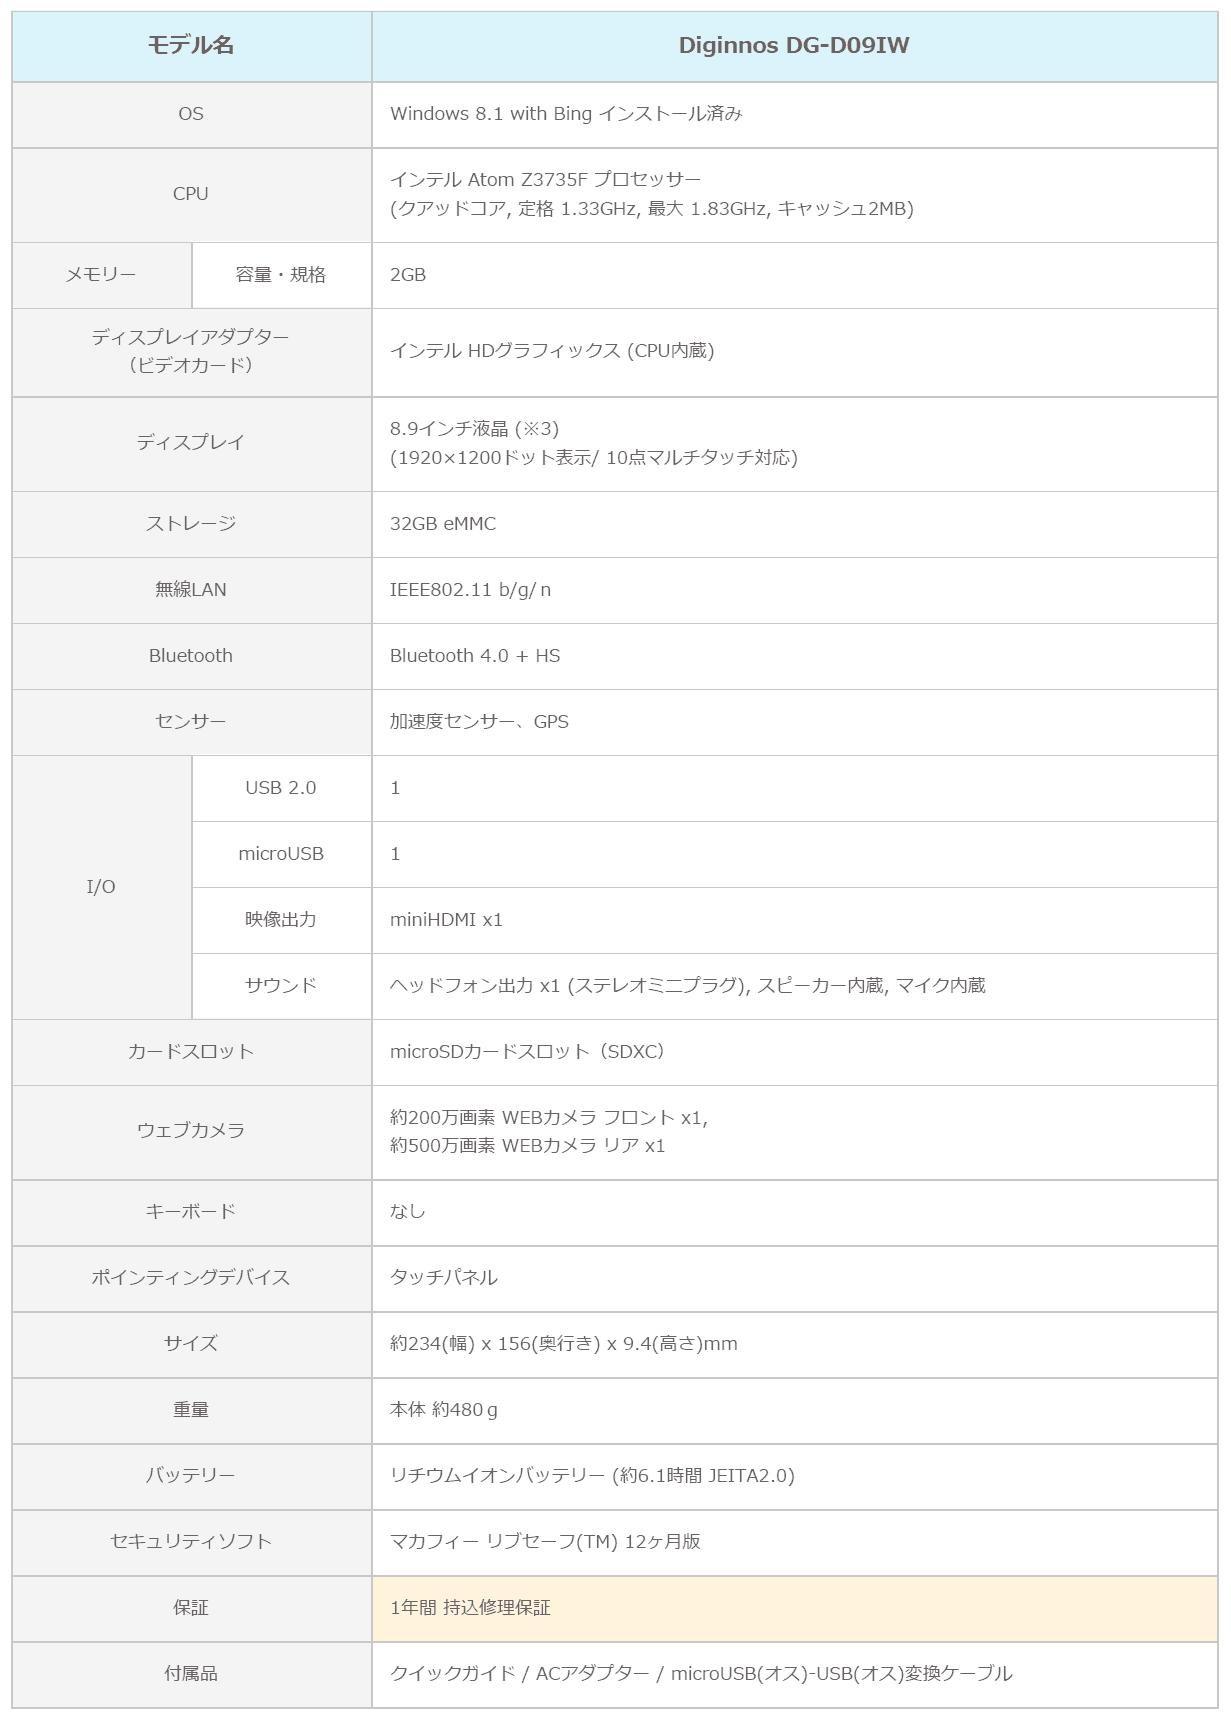 ドスパラ diginnos DG-D09IW スペック表